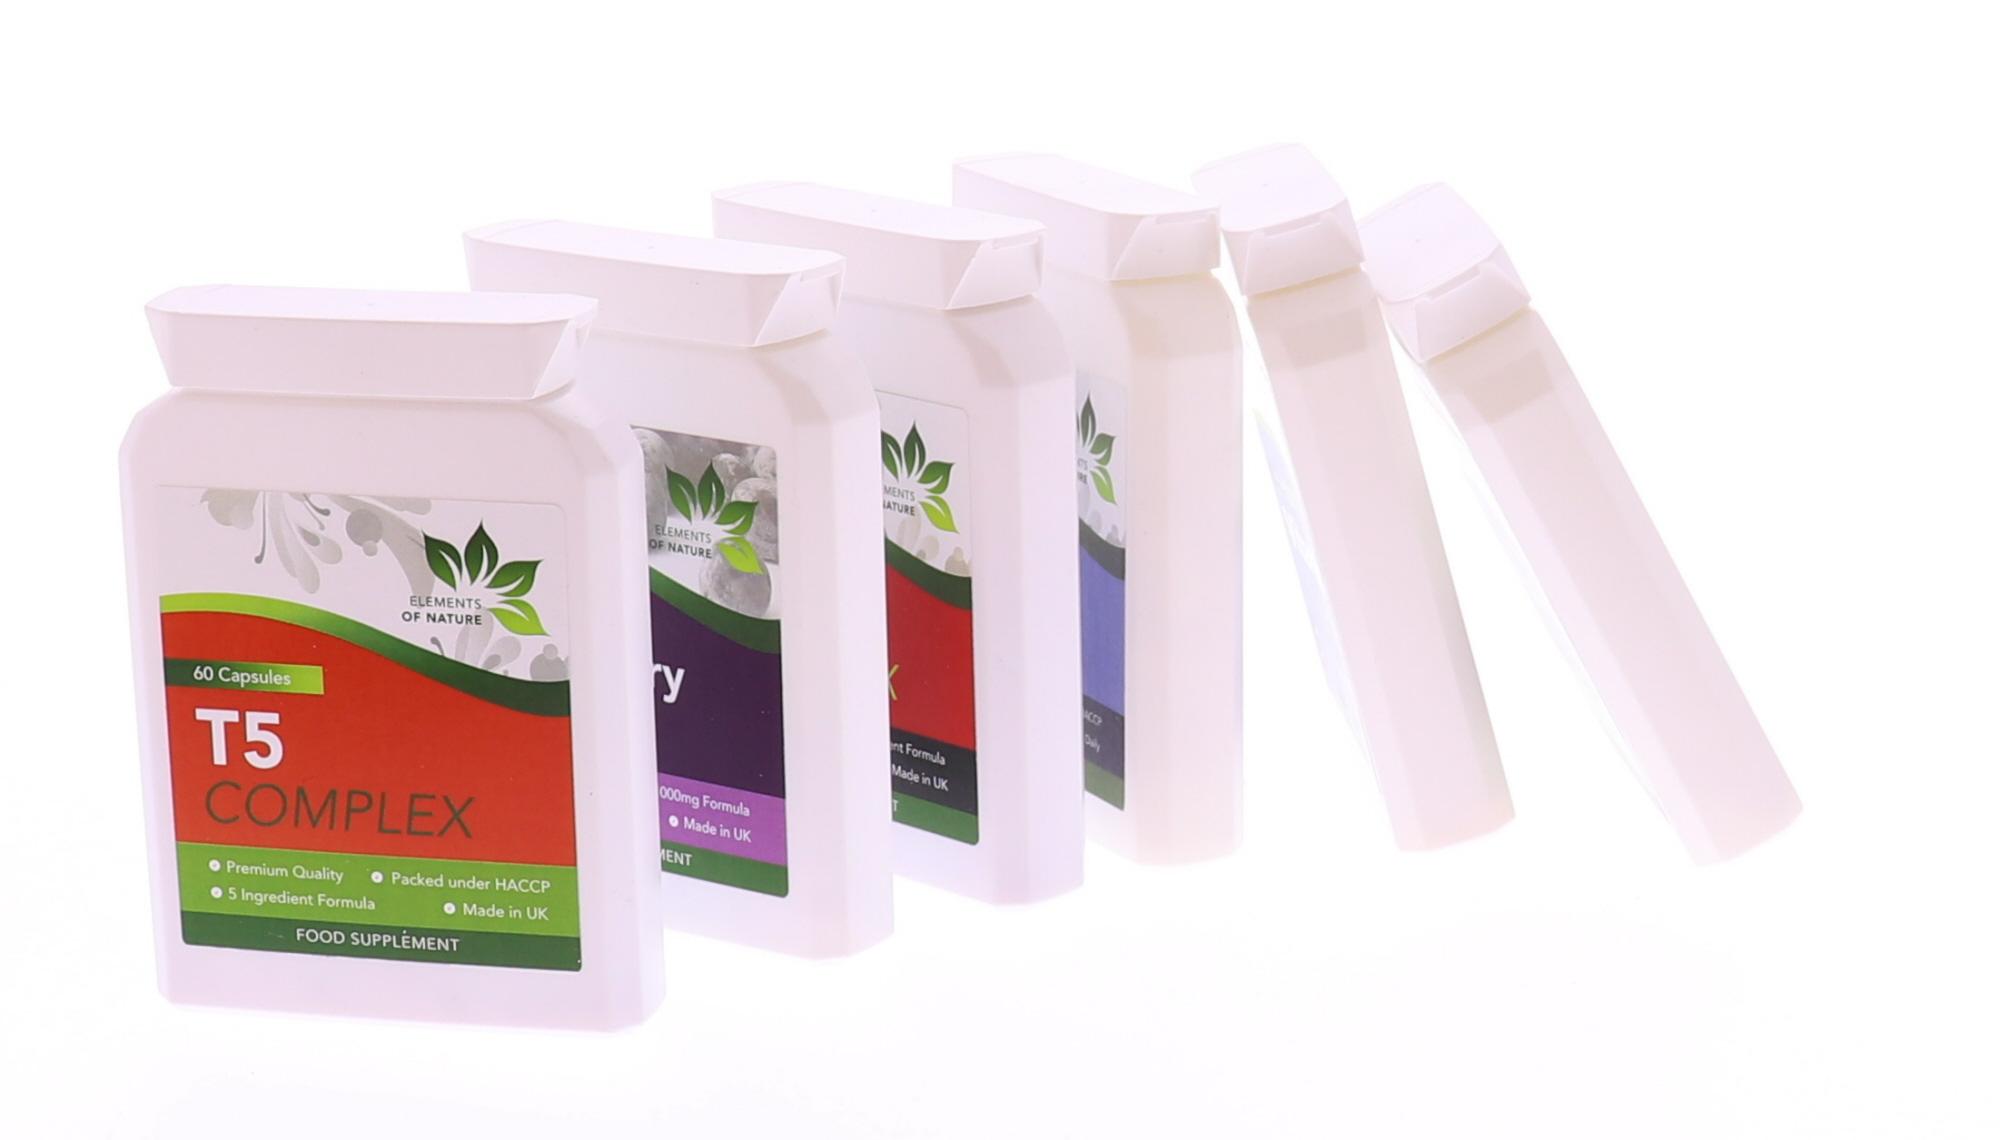 Vitamine potjes fotografie met witte achtergrond Productfotografie Breda